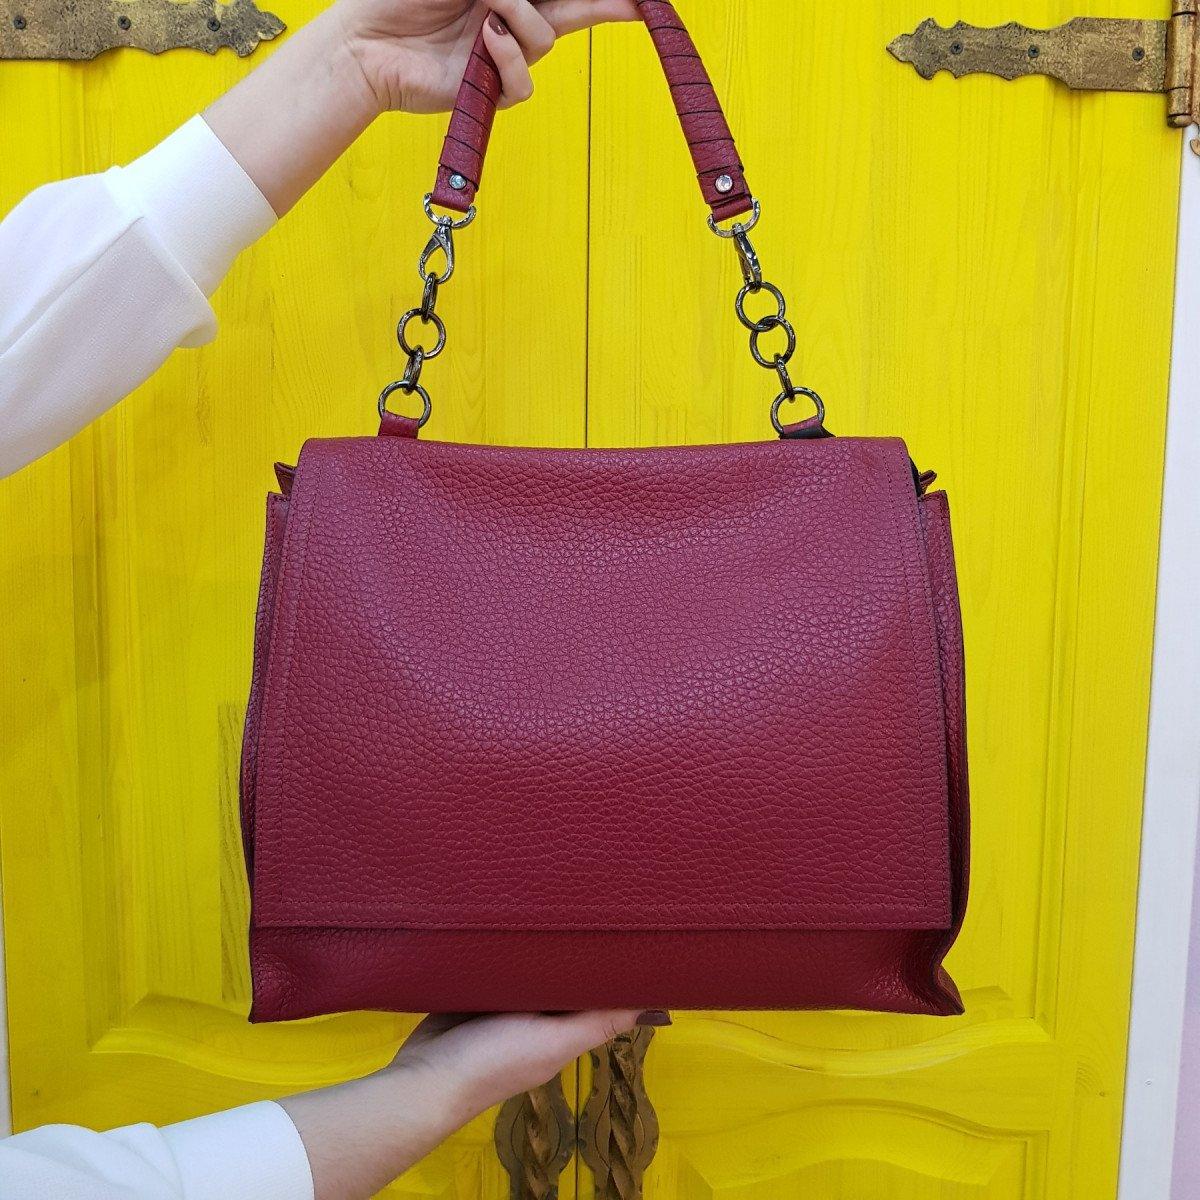 Женская кожаная сумка Ripani 9643OB.00048 rubino из натуральной кожи